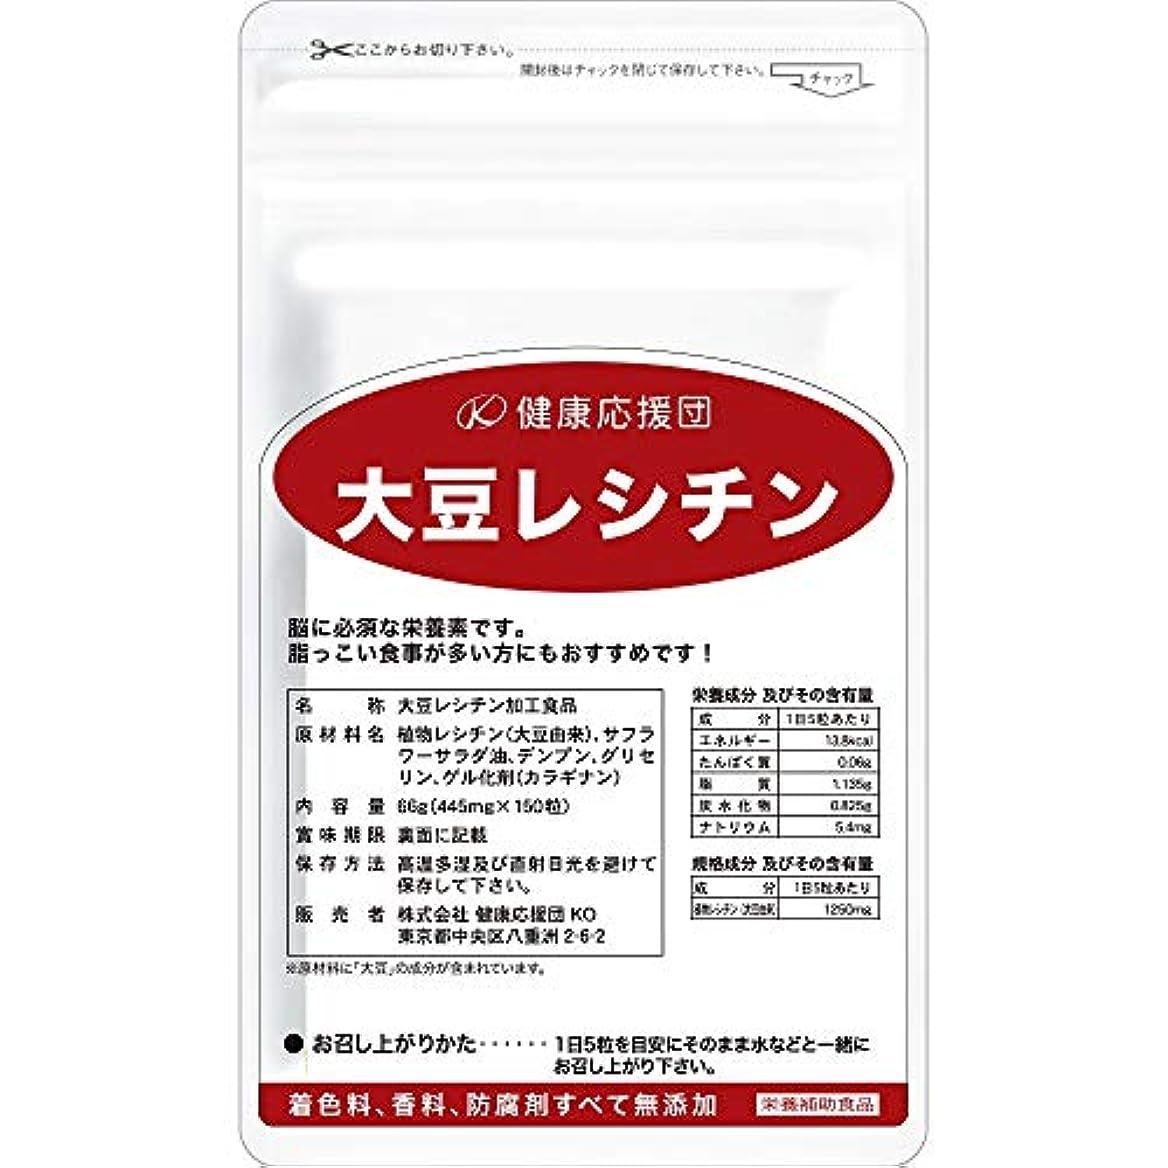 暫定のすきブラザー大豆レシチン (6袋) 健康応援団